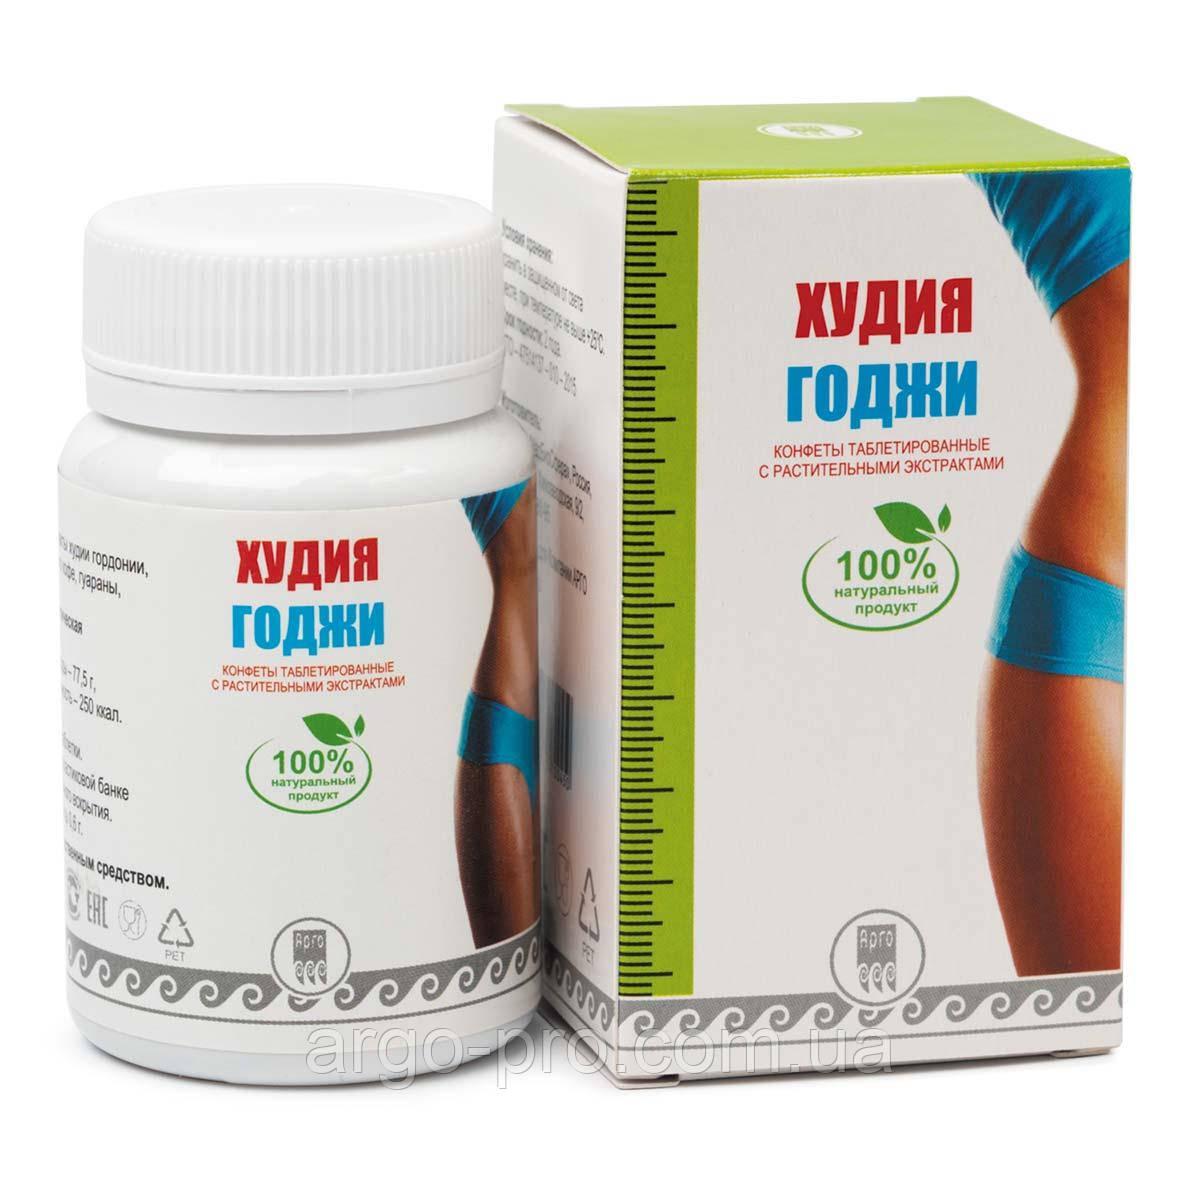 Худия Годжи Арго (натуральный растительный препарат, снижает вес, сжигает жир, снижает аппетит, обмен веществ)